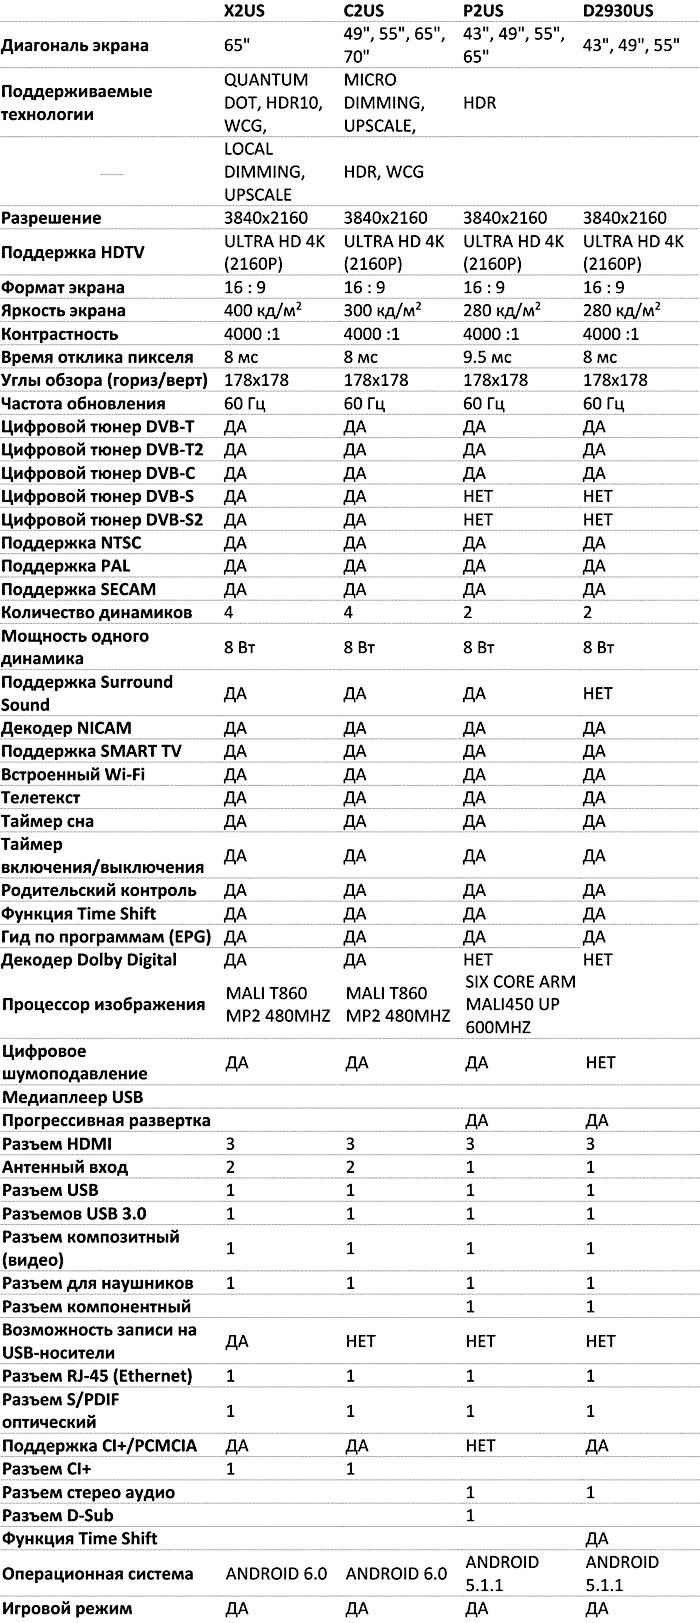 Отличия телевизоров TCL UHD 2017 года. Таблица